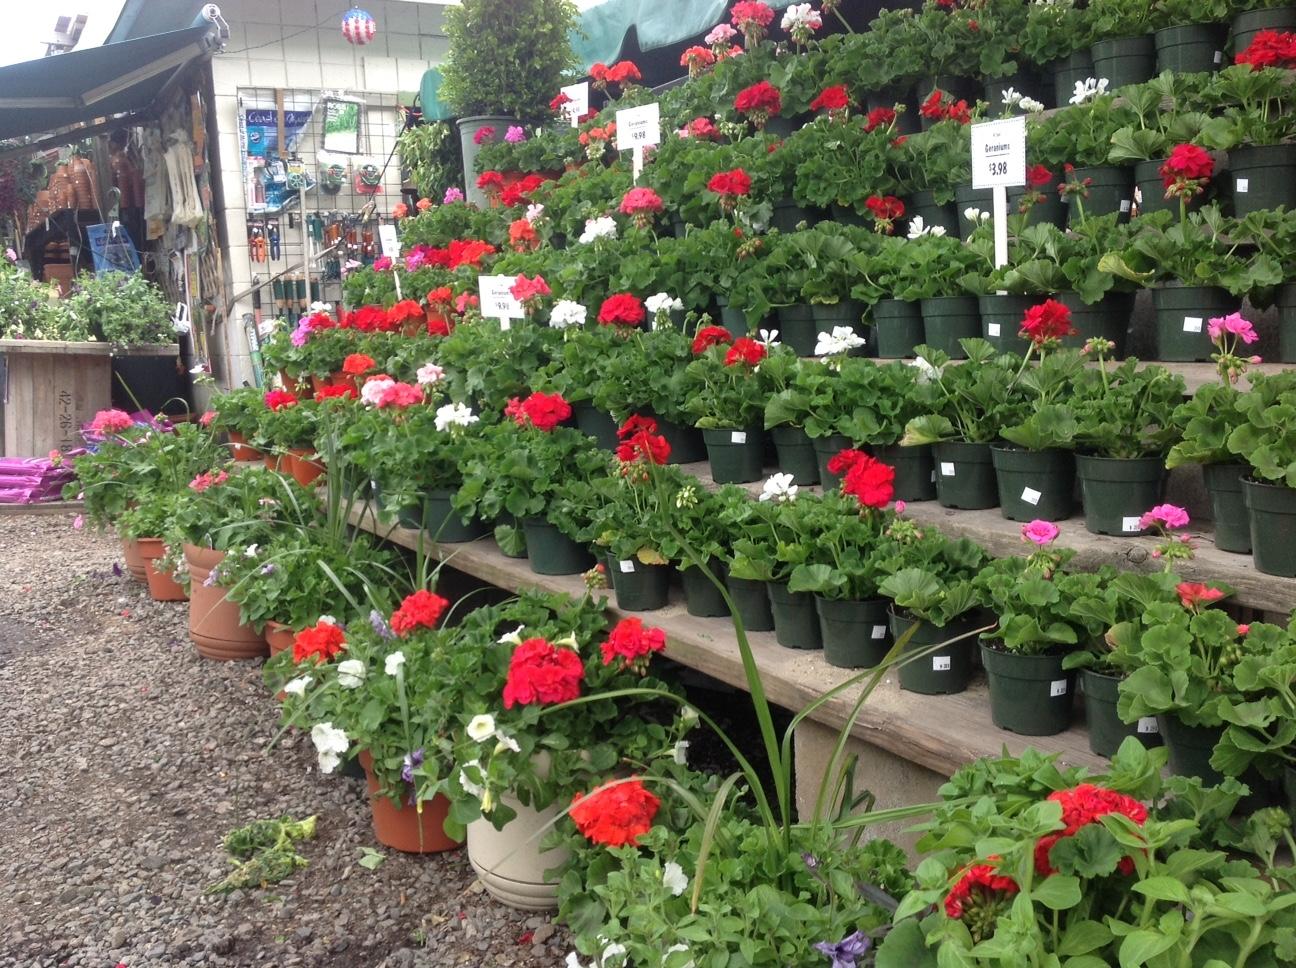 Garden U0026 Patio Plants